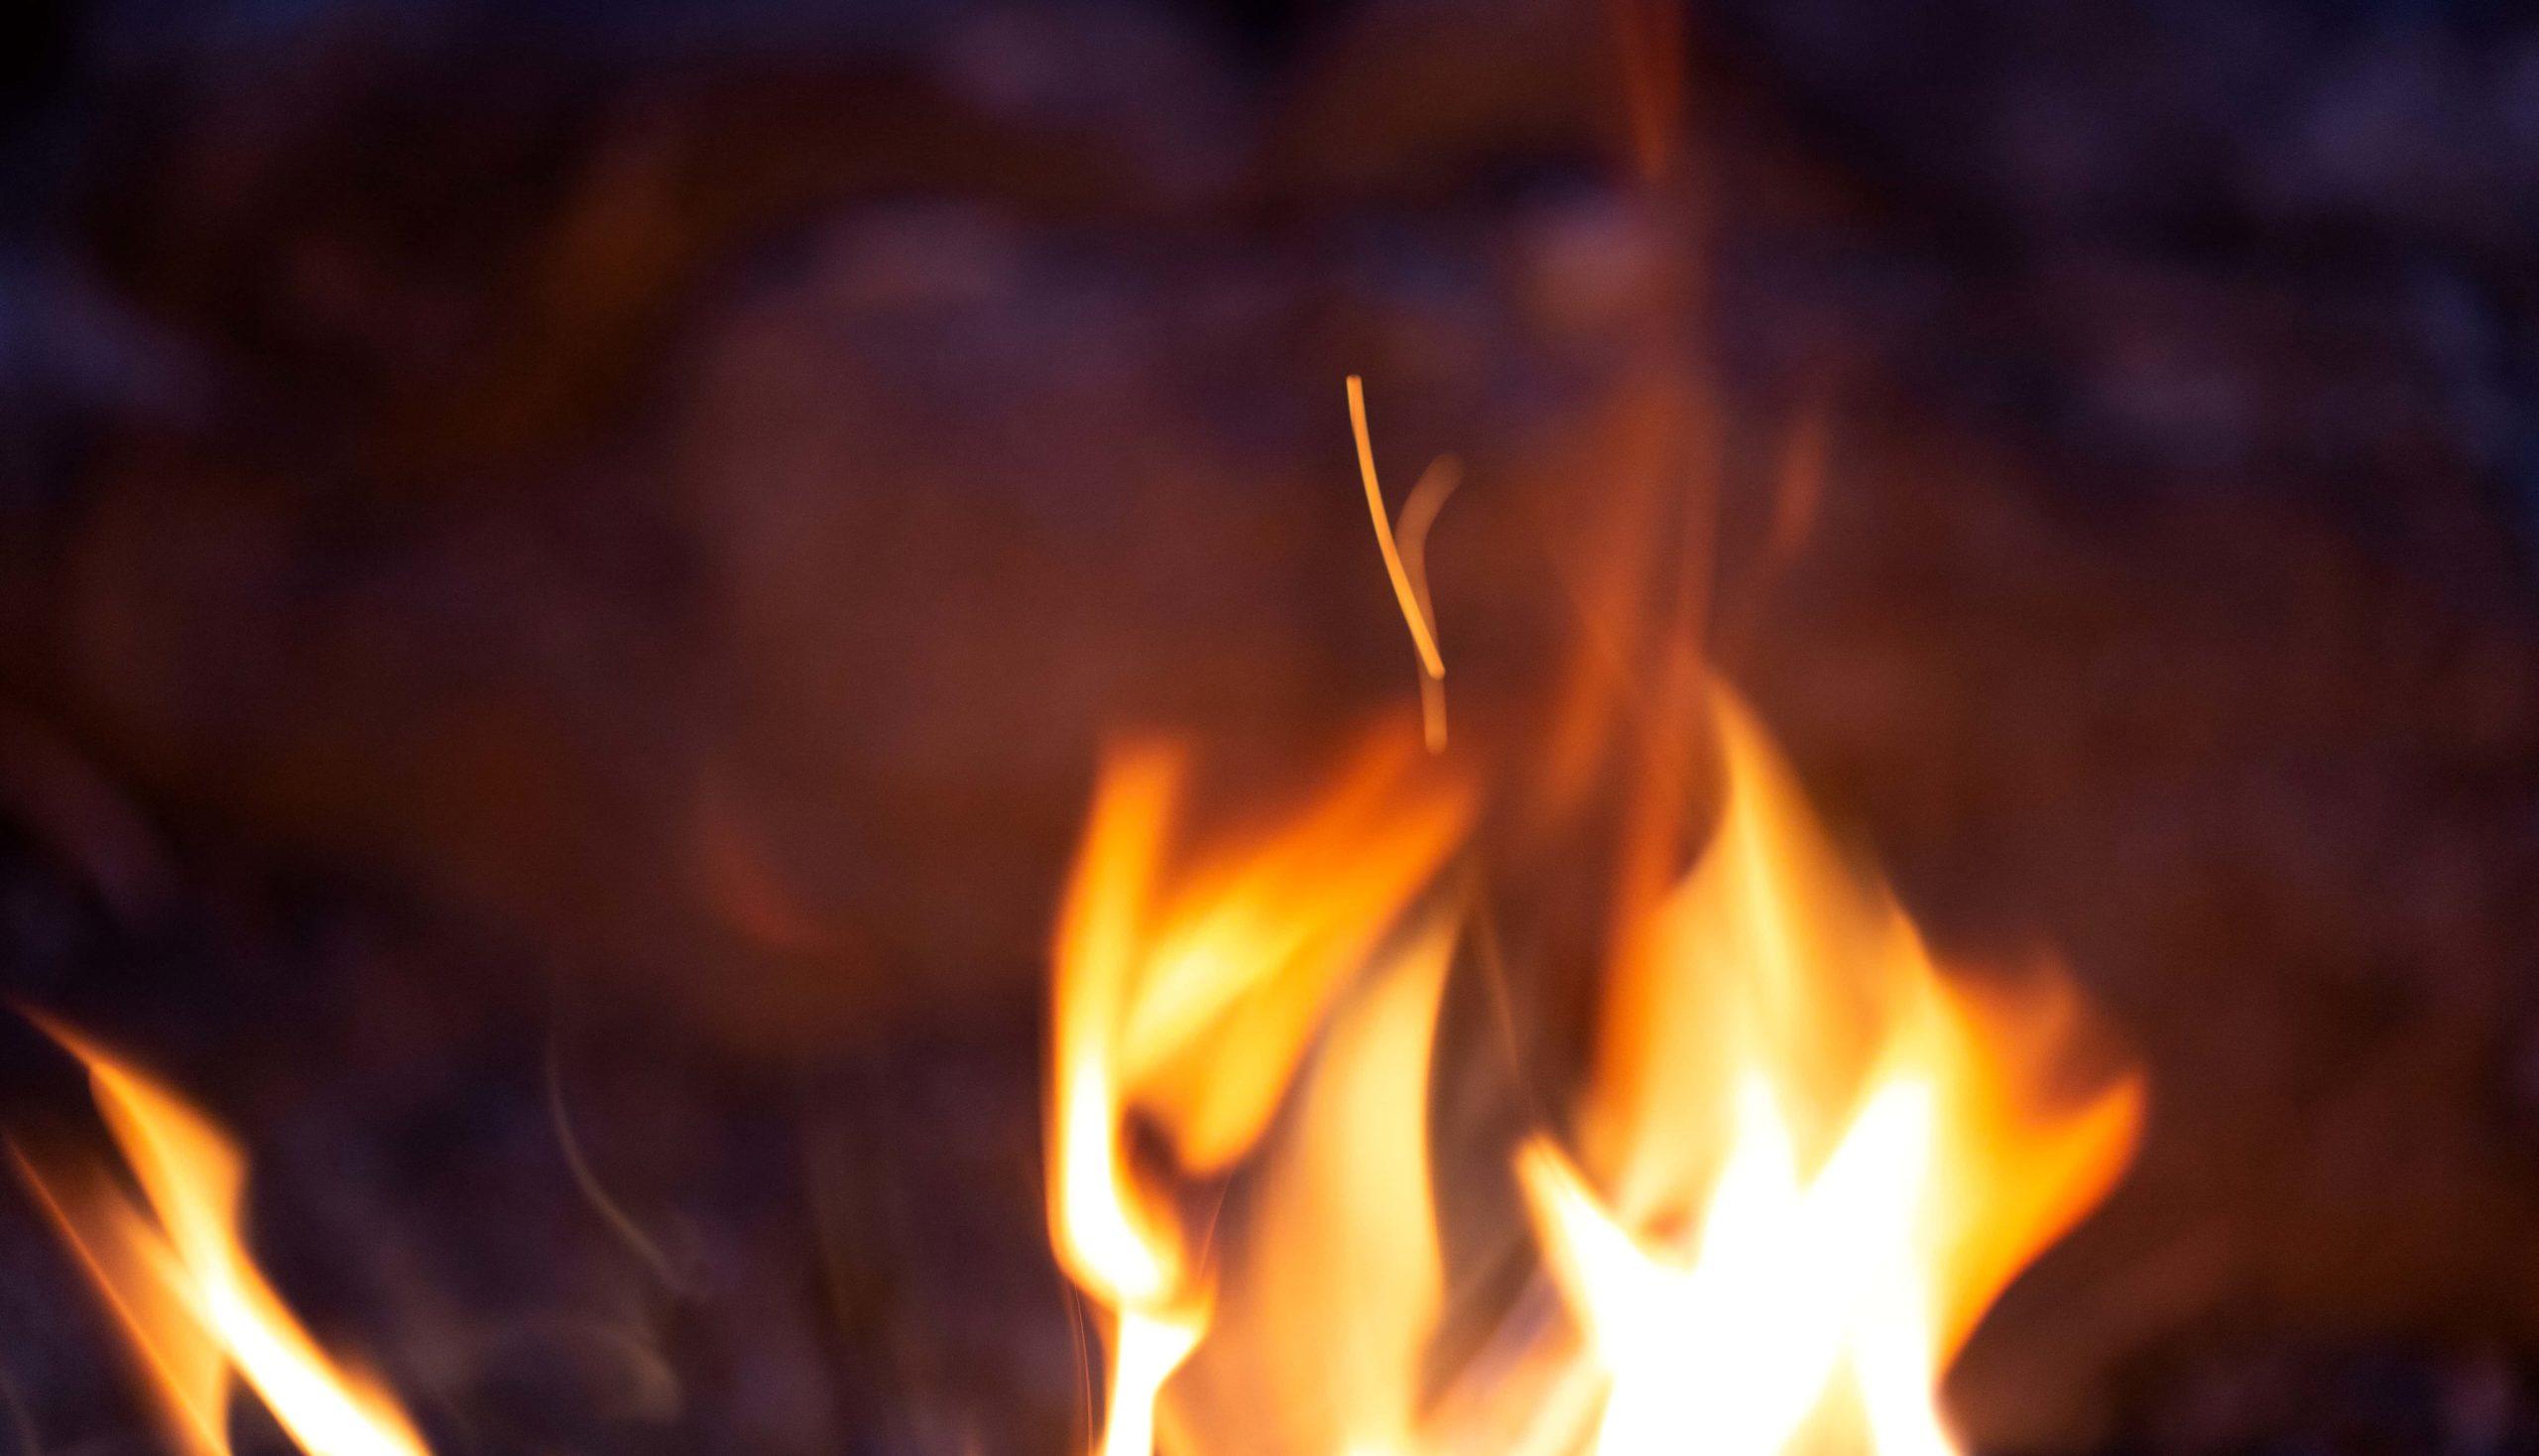 Tondela: Três anos do incêndio em Vila Nova de Rainha – Processo Judicial ainda dura e freguesia terá duas novas sedes de associações